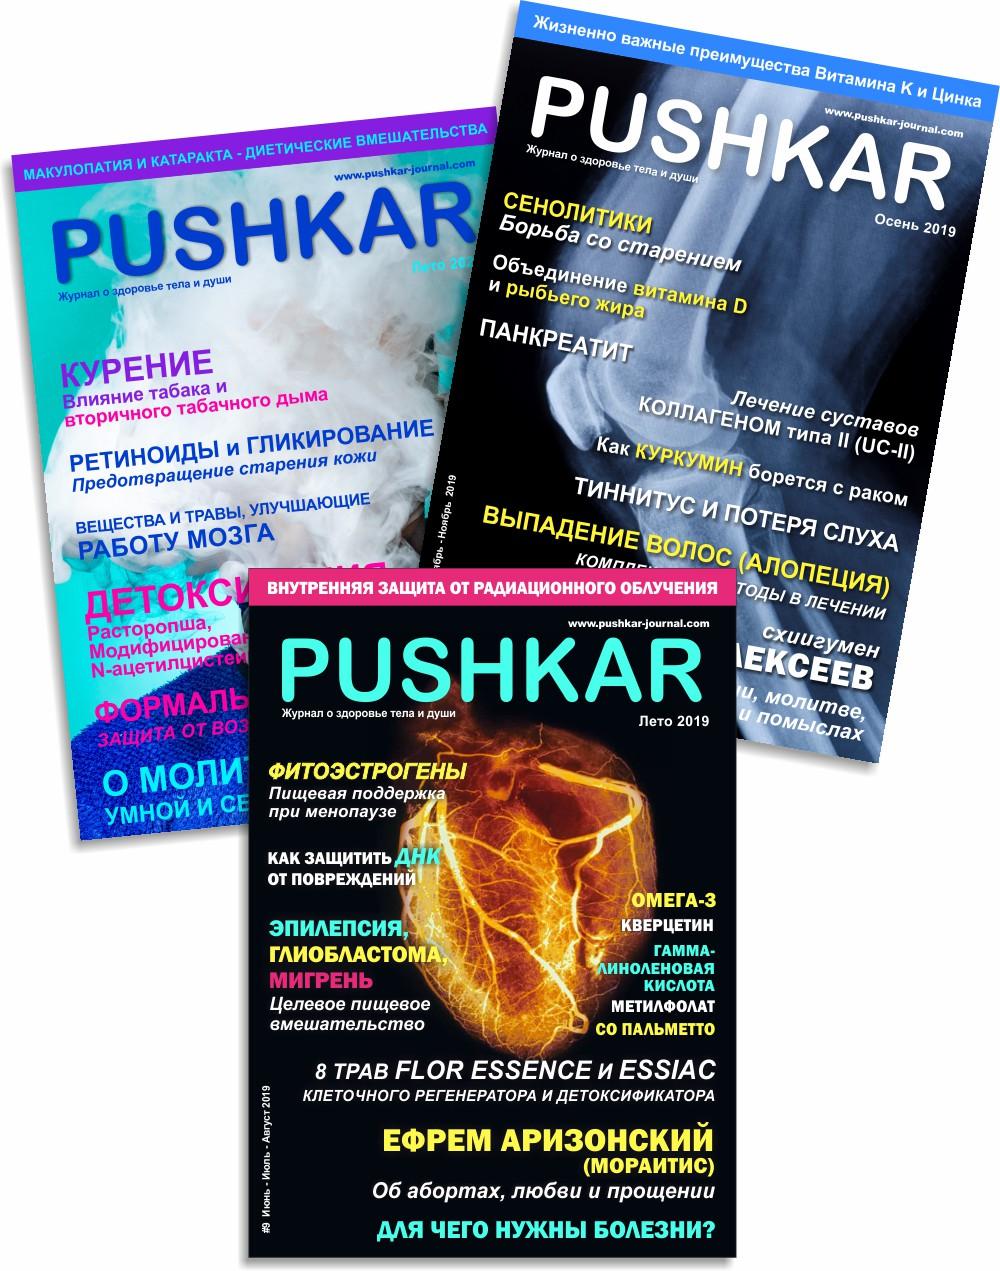 PUSHKAR - Журнал и сайт о здоровье тела и души!